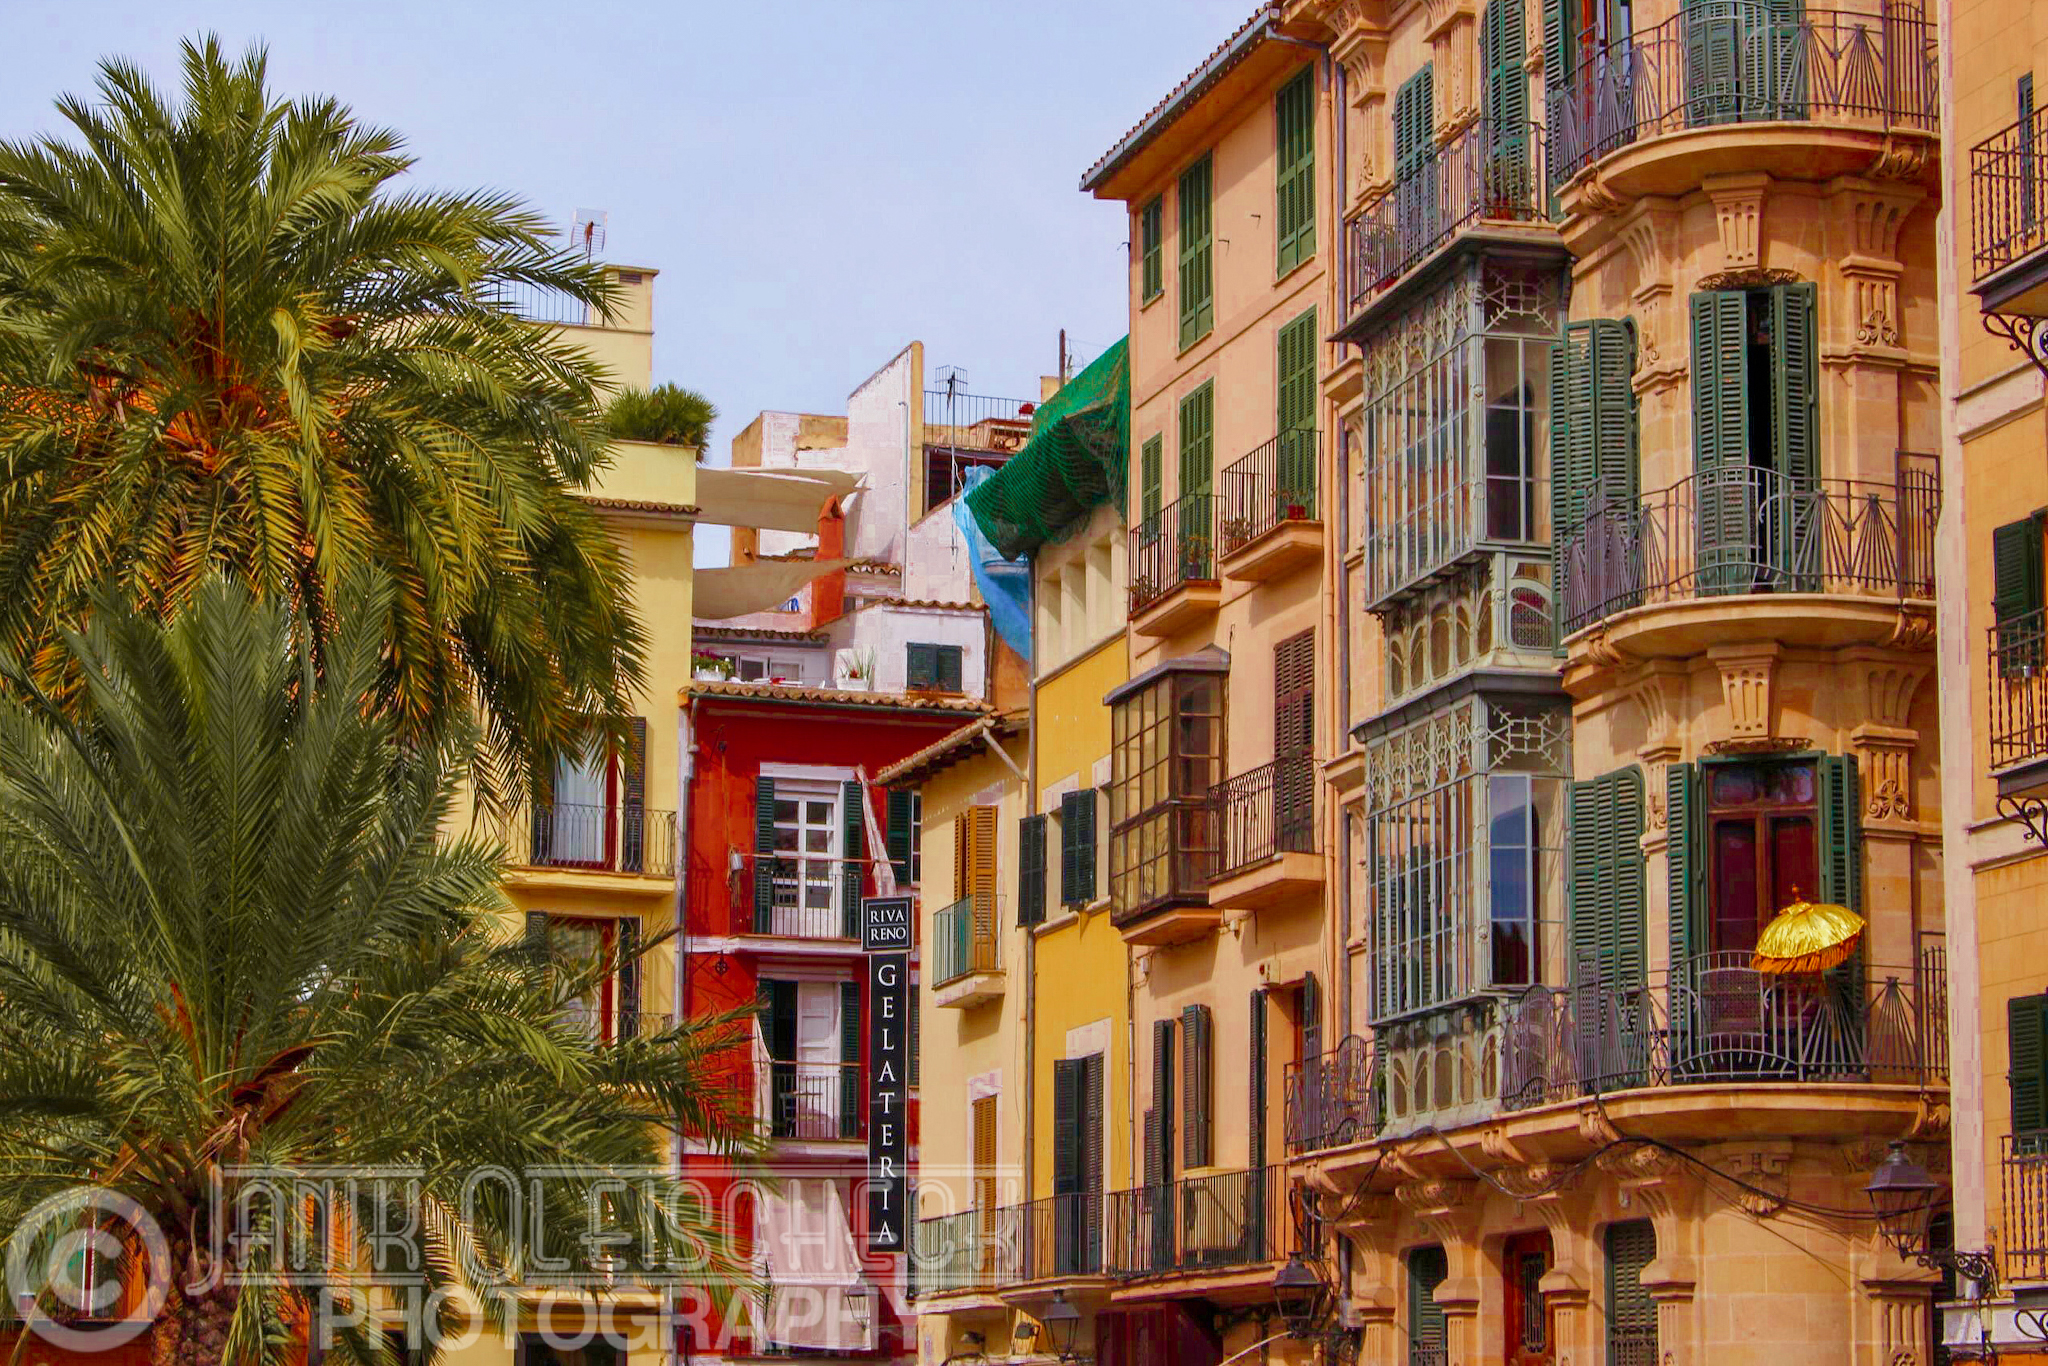 Casas de Mallorca, Spain